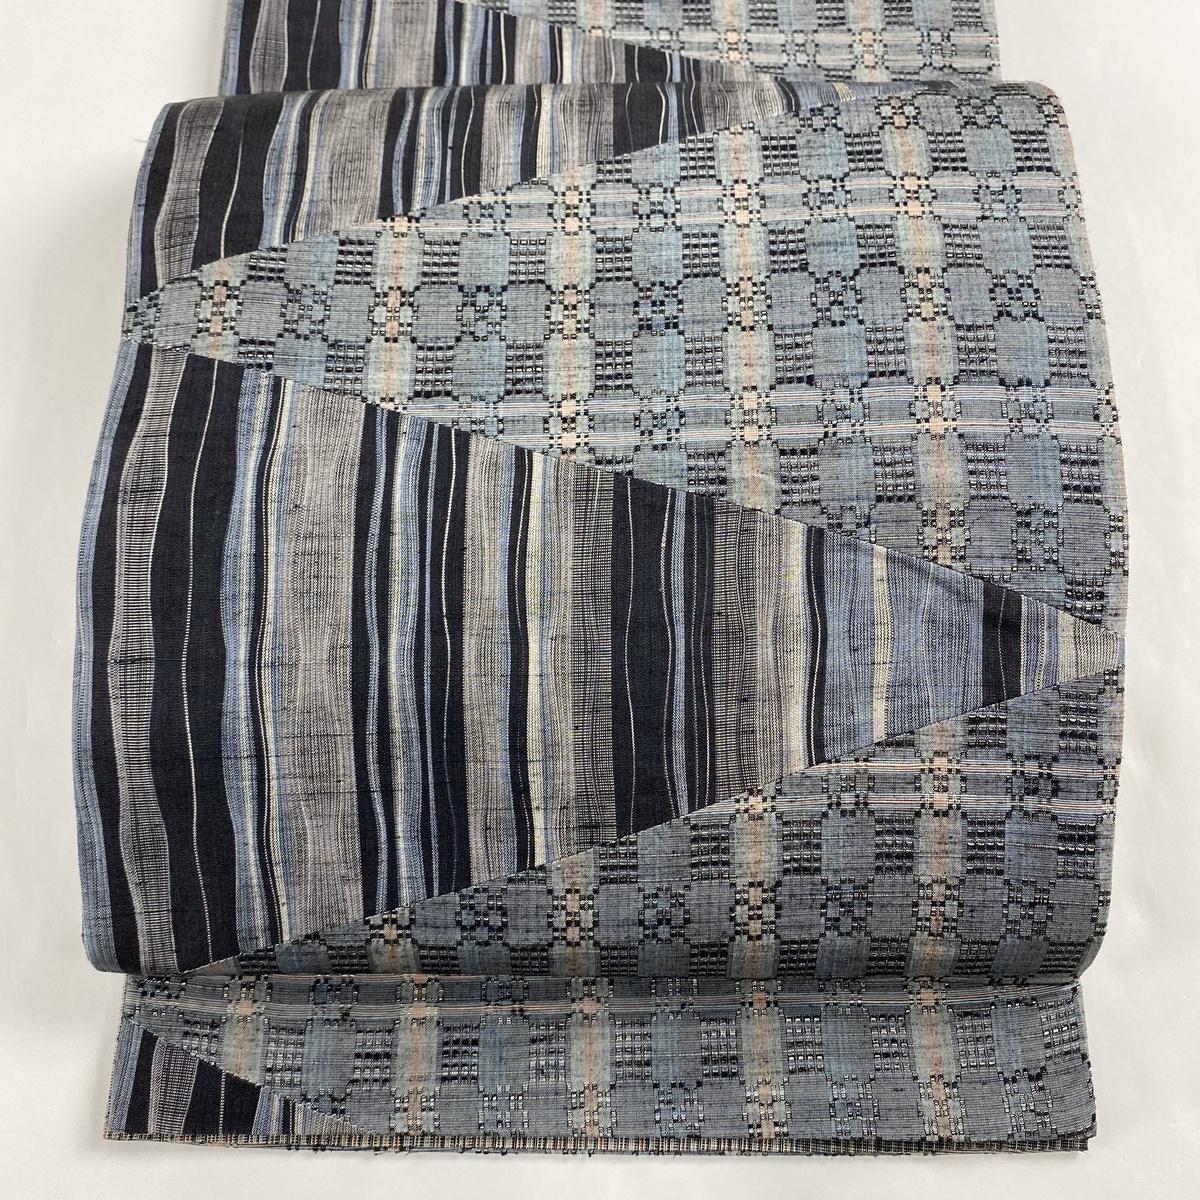 袋帯 美品 秀品 紬地 縞 幾何学 切嵌め 黒灰 全通 正絹 【中古】